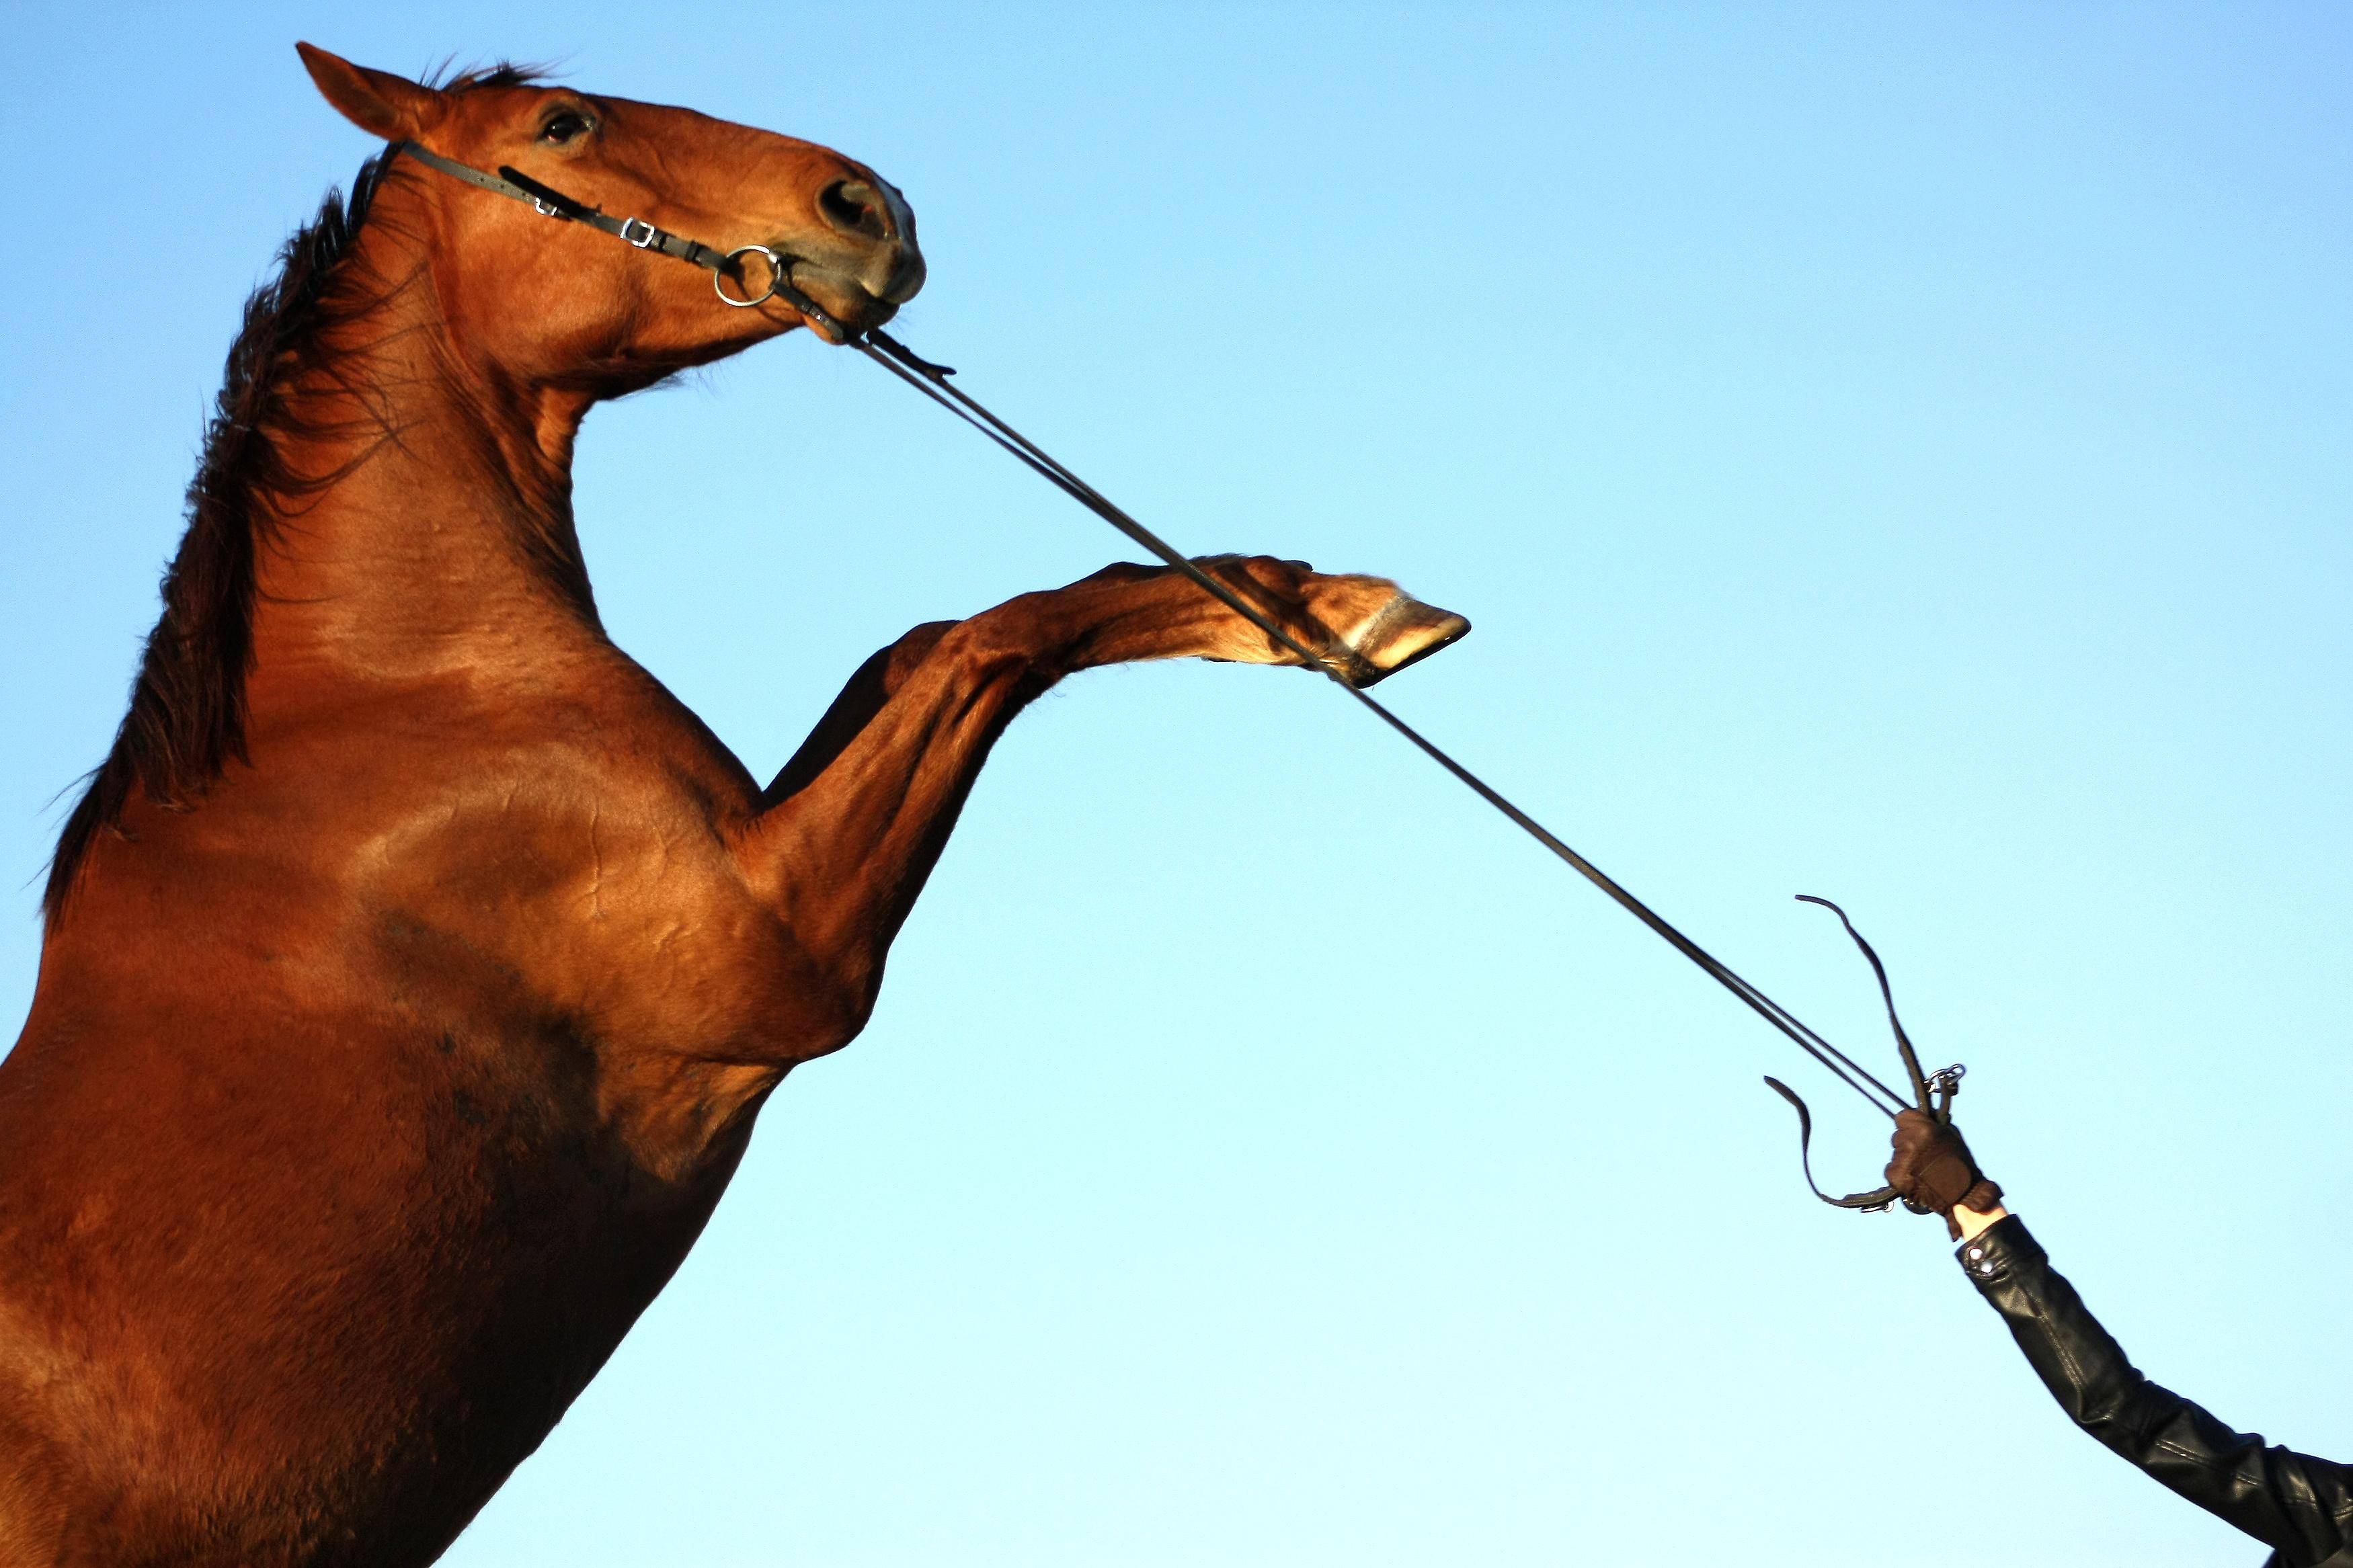 Výcvik koně bez trestů? Podle Rachaël Draaisma to jde